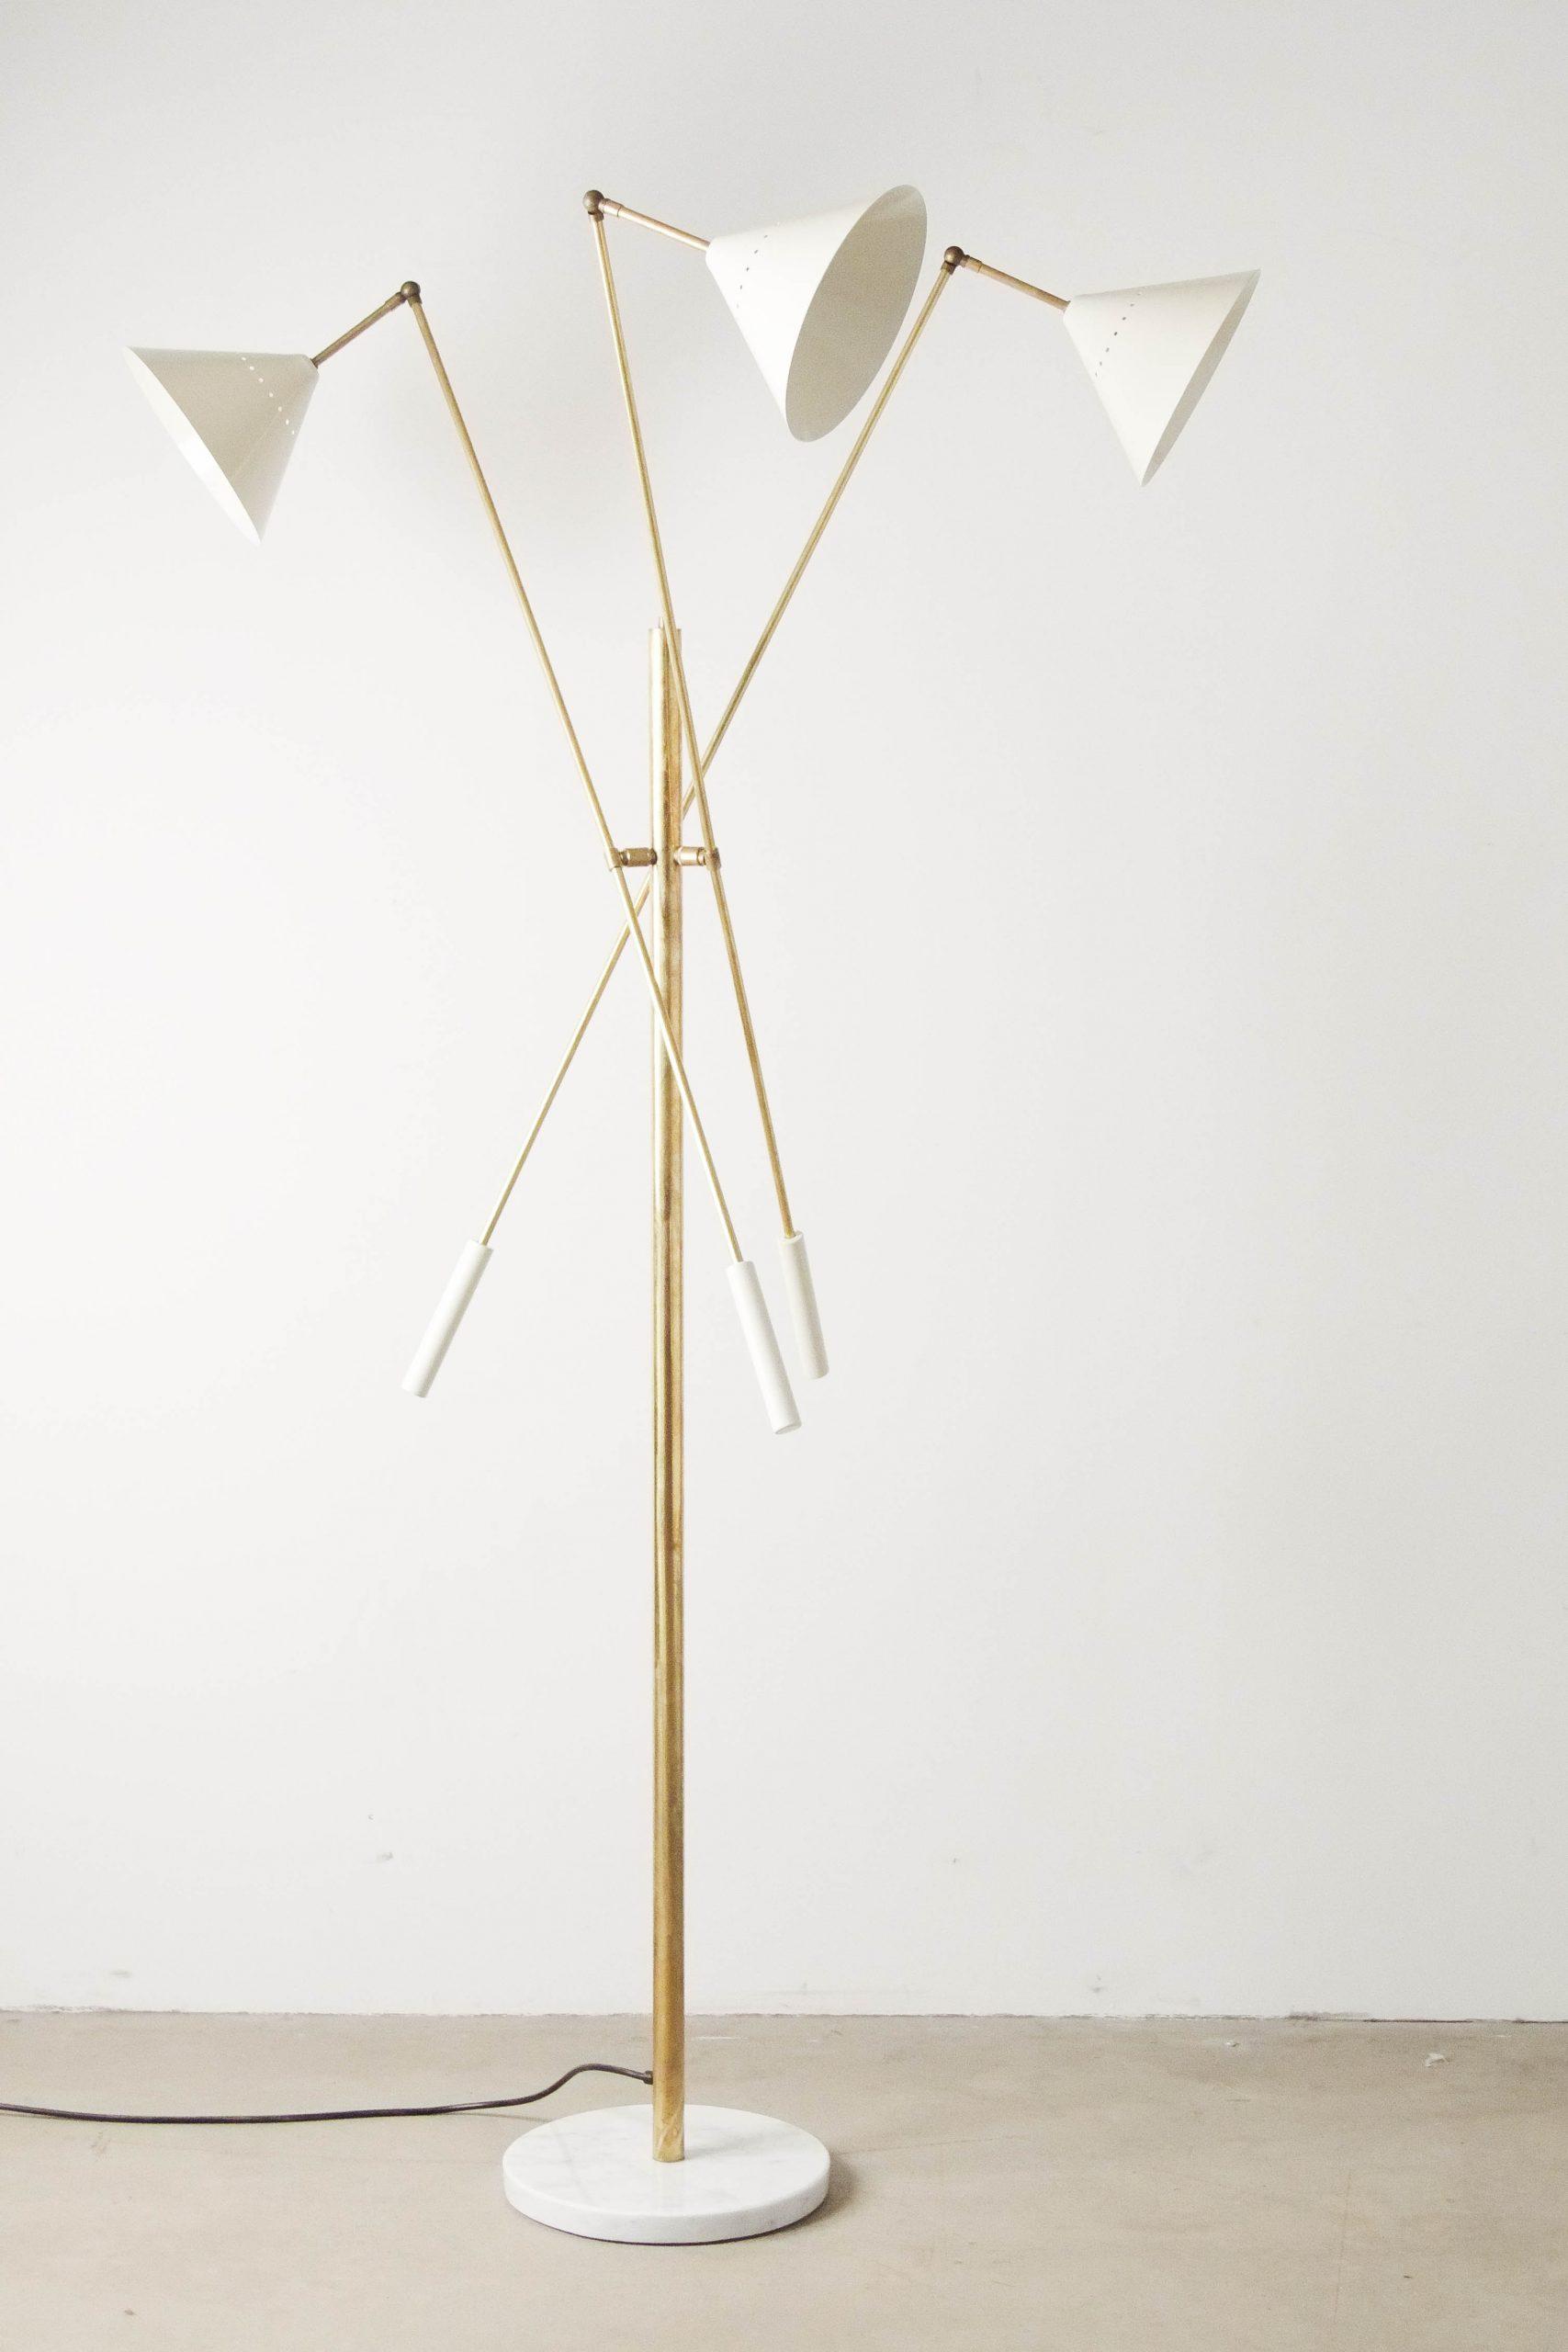 lampara de laton de diseño elegante hecha a mano en italia